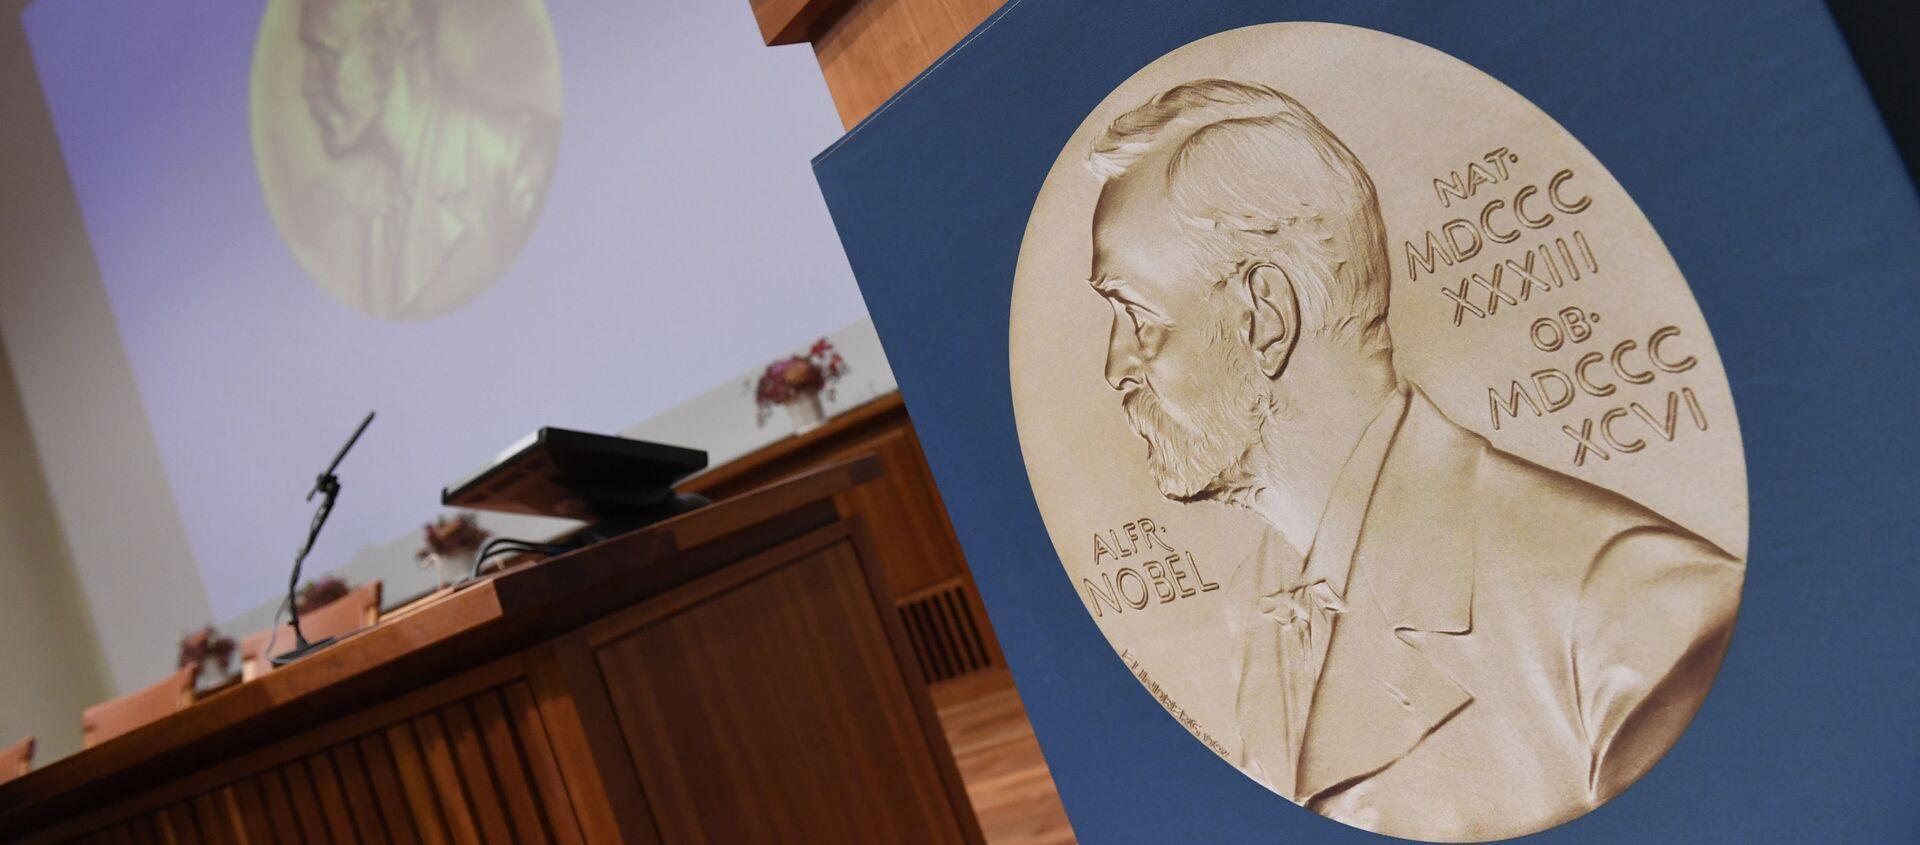 ノーベル賞ホール - Sputnik 日本, 1920, 27.01.2021